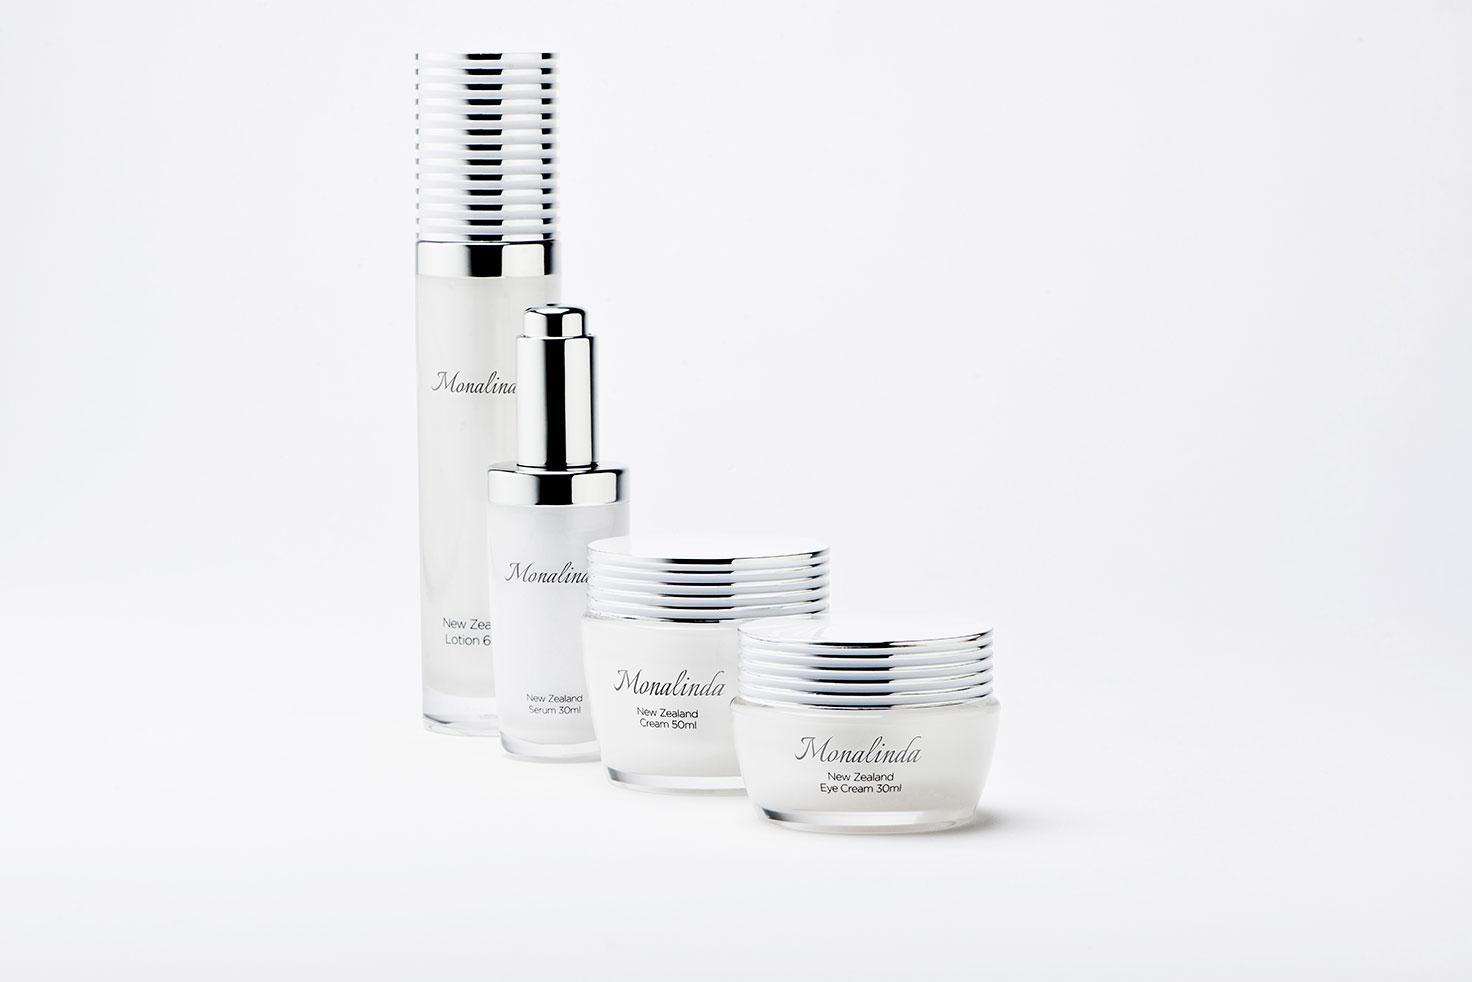 Monalinda Skincare